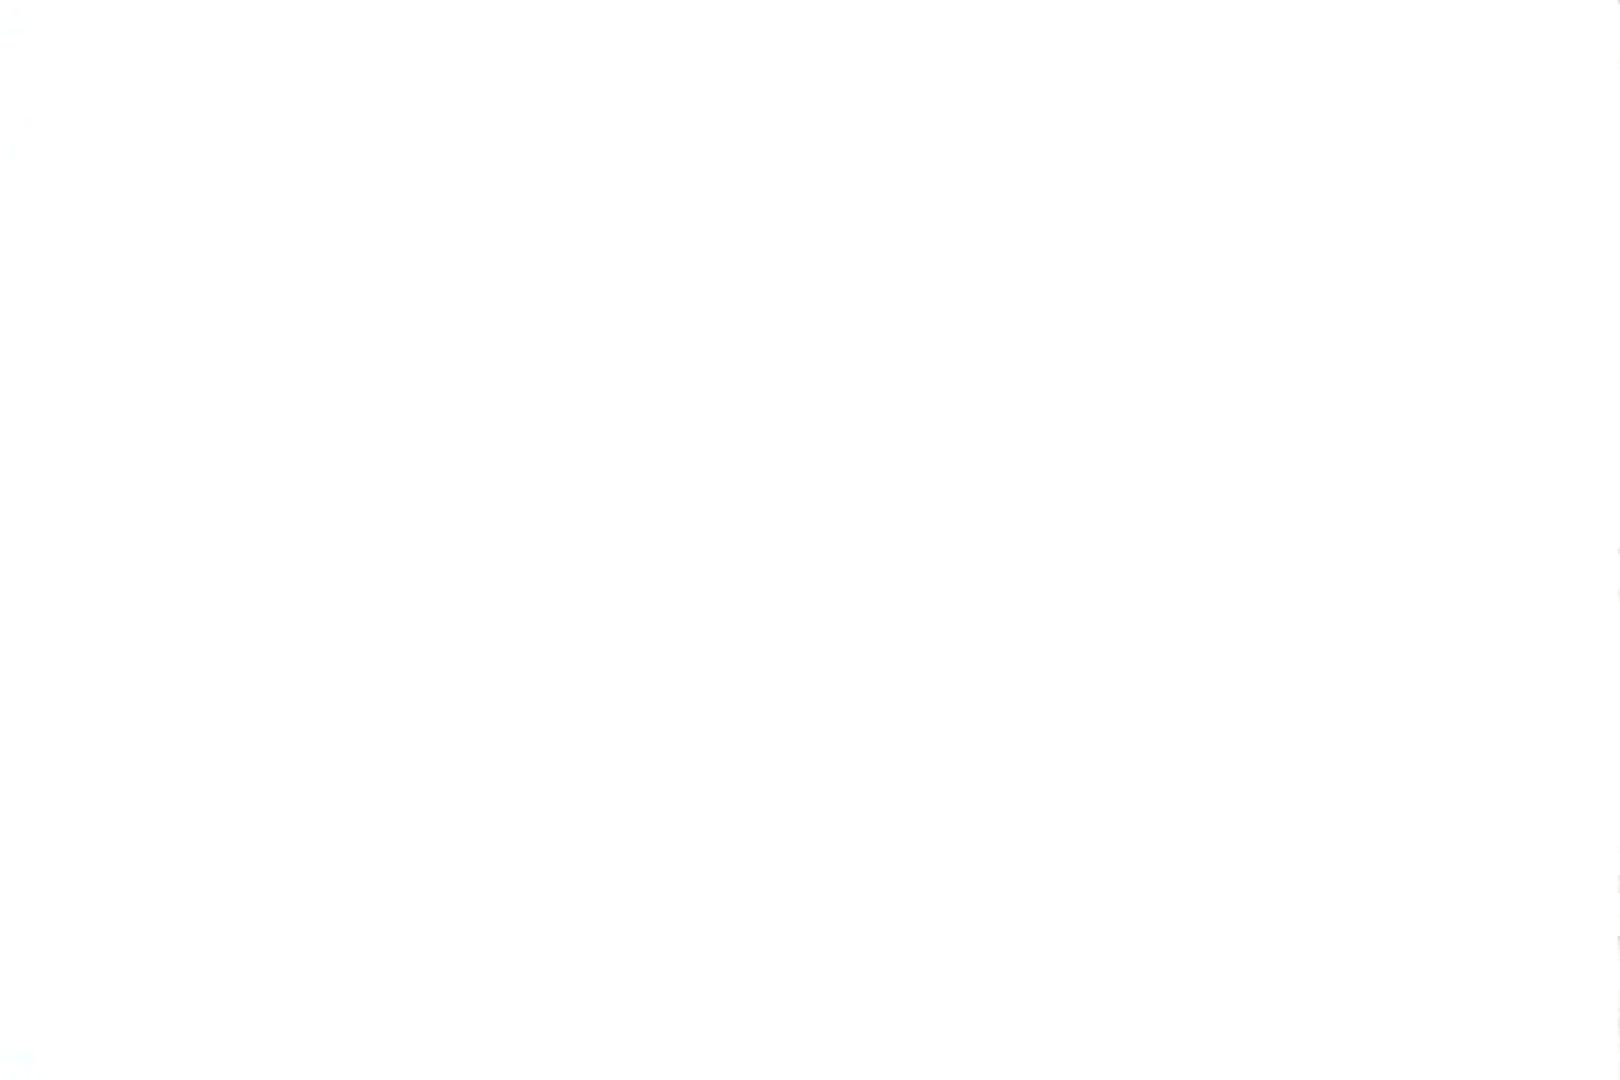 充血監督の深夜の運動会Vol.16 OLの実態  87pic 65